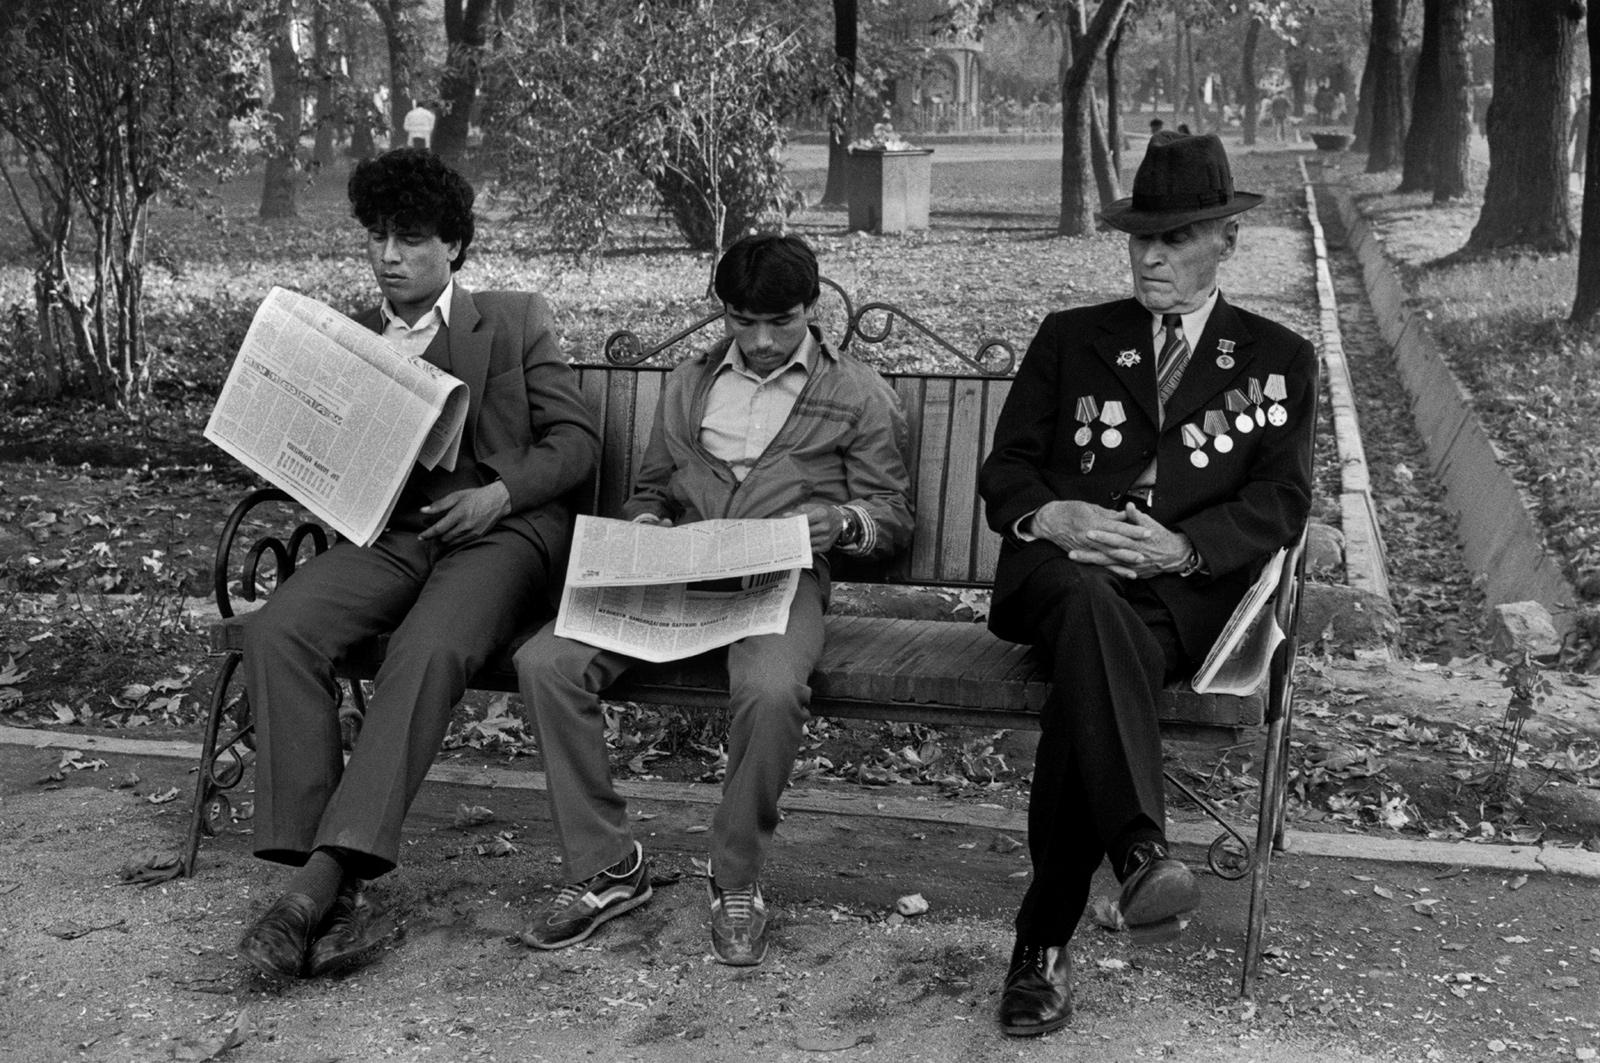 A Russian World War II veteran with two young Tajik men, Dushanbe, Soviet Tajikistan, 1987